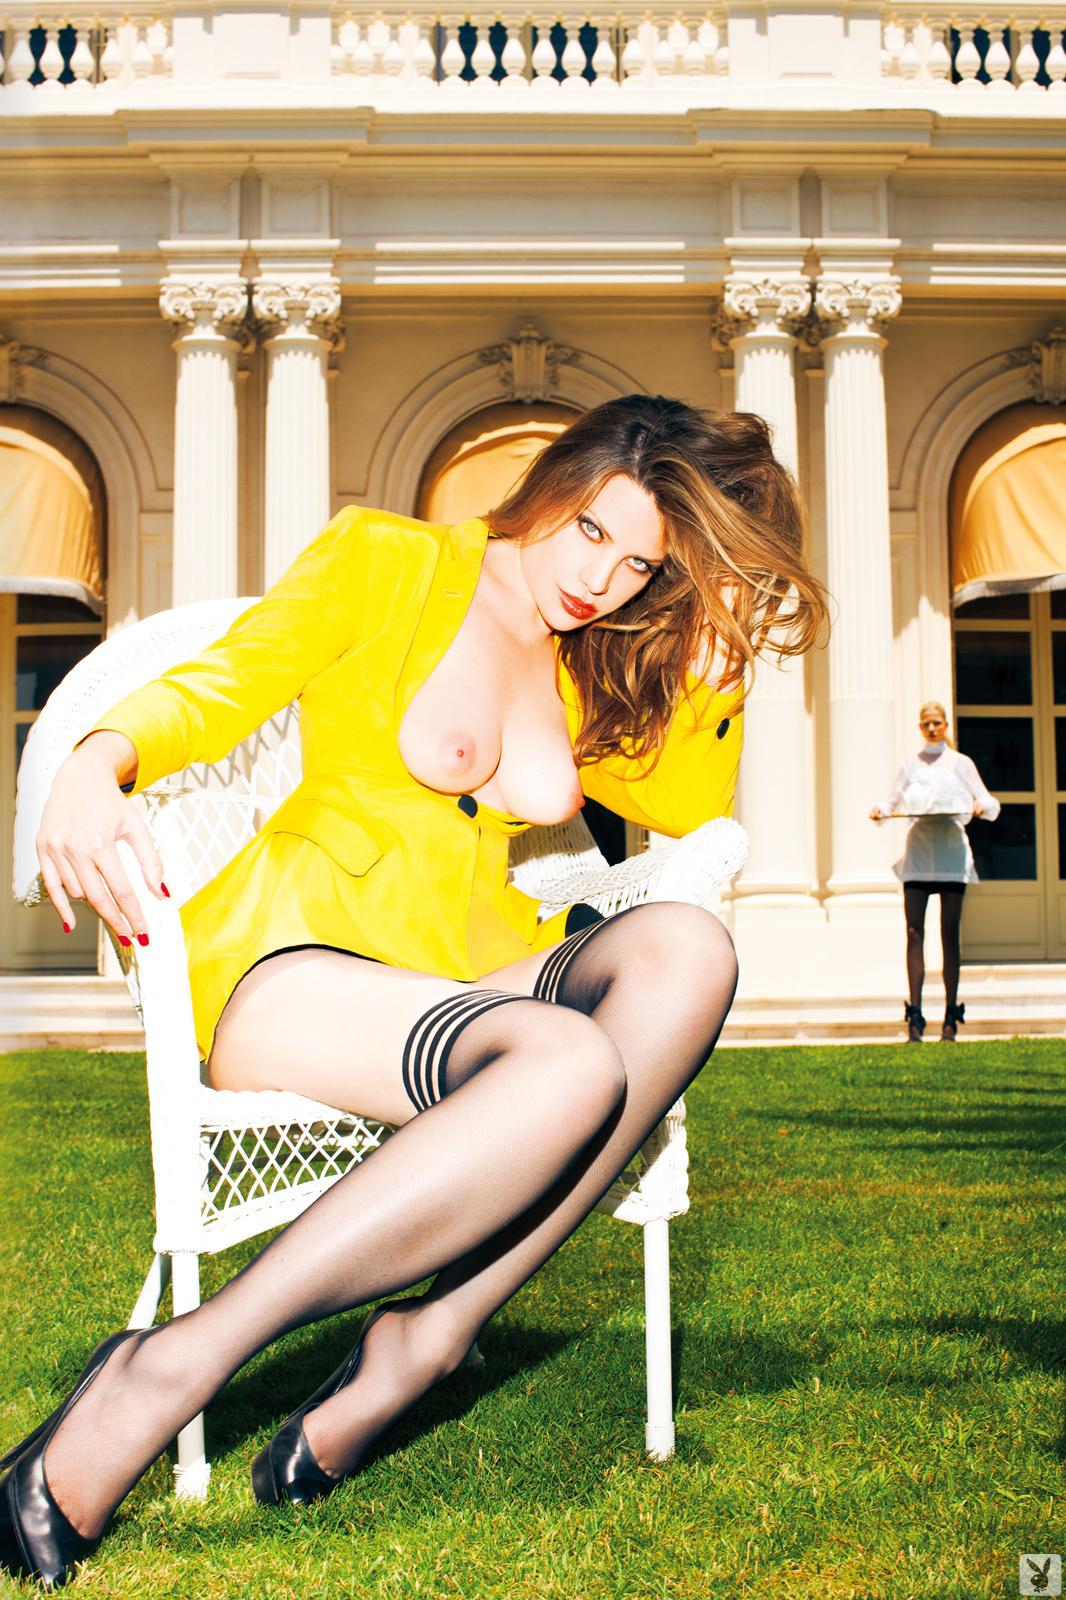 Super Model Evelina Manna Playboy Plus (4)